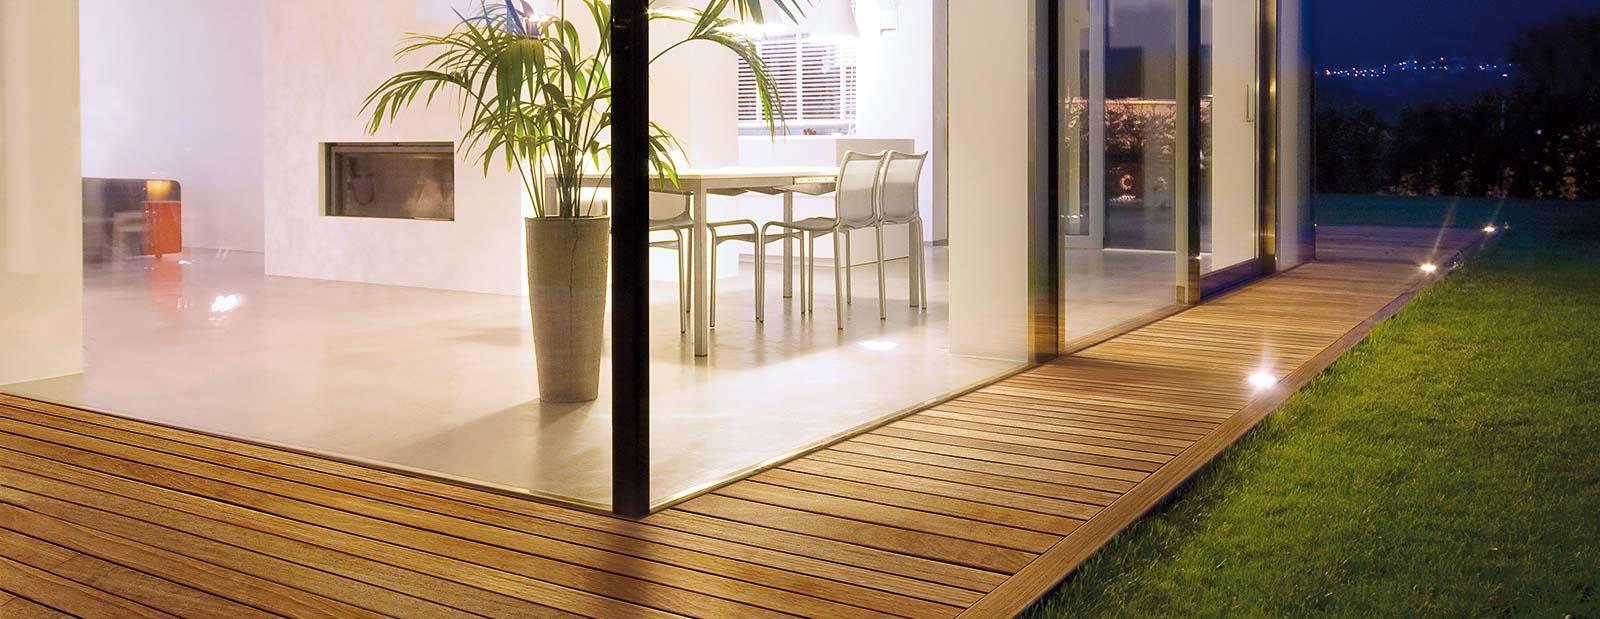 Vicenza ristrutturazioni la tua nuova casa a vicenza for Progetta la tua nuova casa